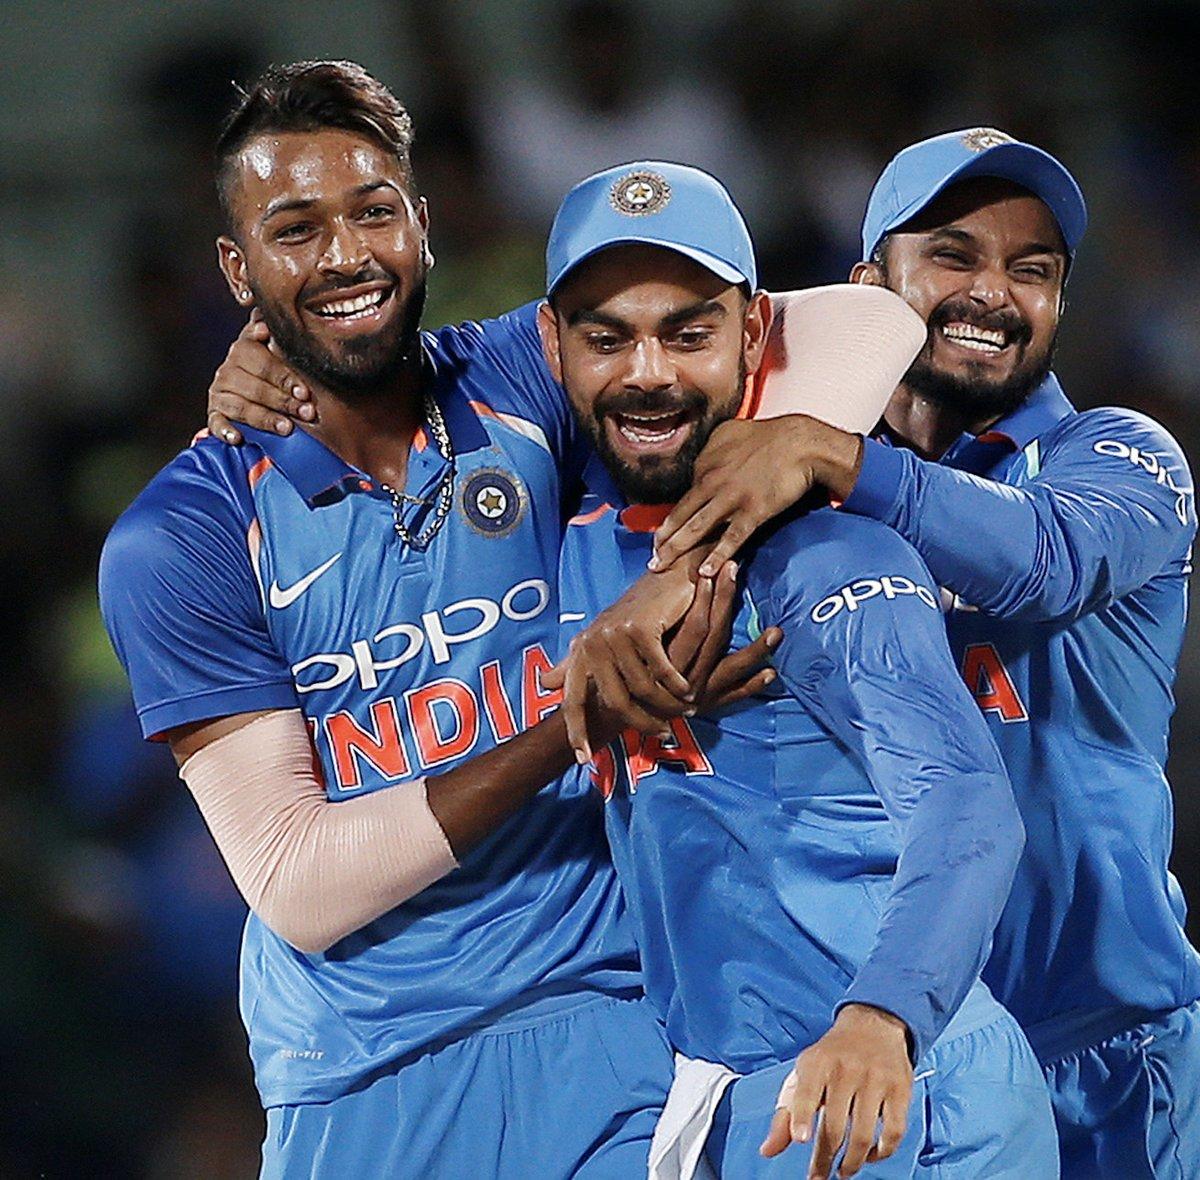 पहले बल्लेबाजी और फिर गेंदबाजी में शानदार प्रदर्शन के बाद वीरेंद्र सहवाग ने हार्दिक पांड्या को दिया ये नाम 4